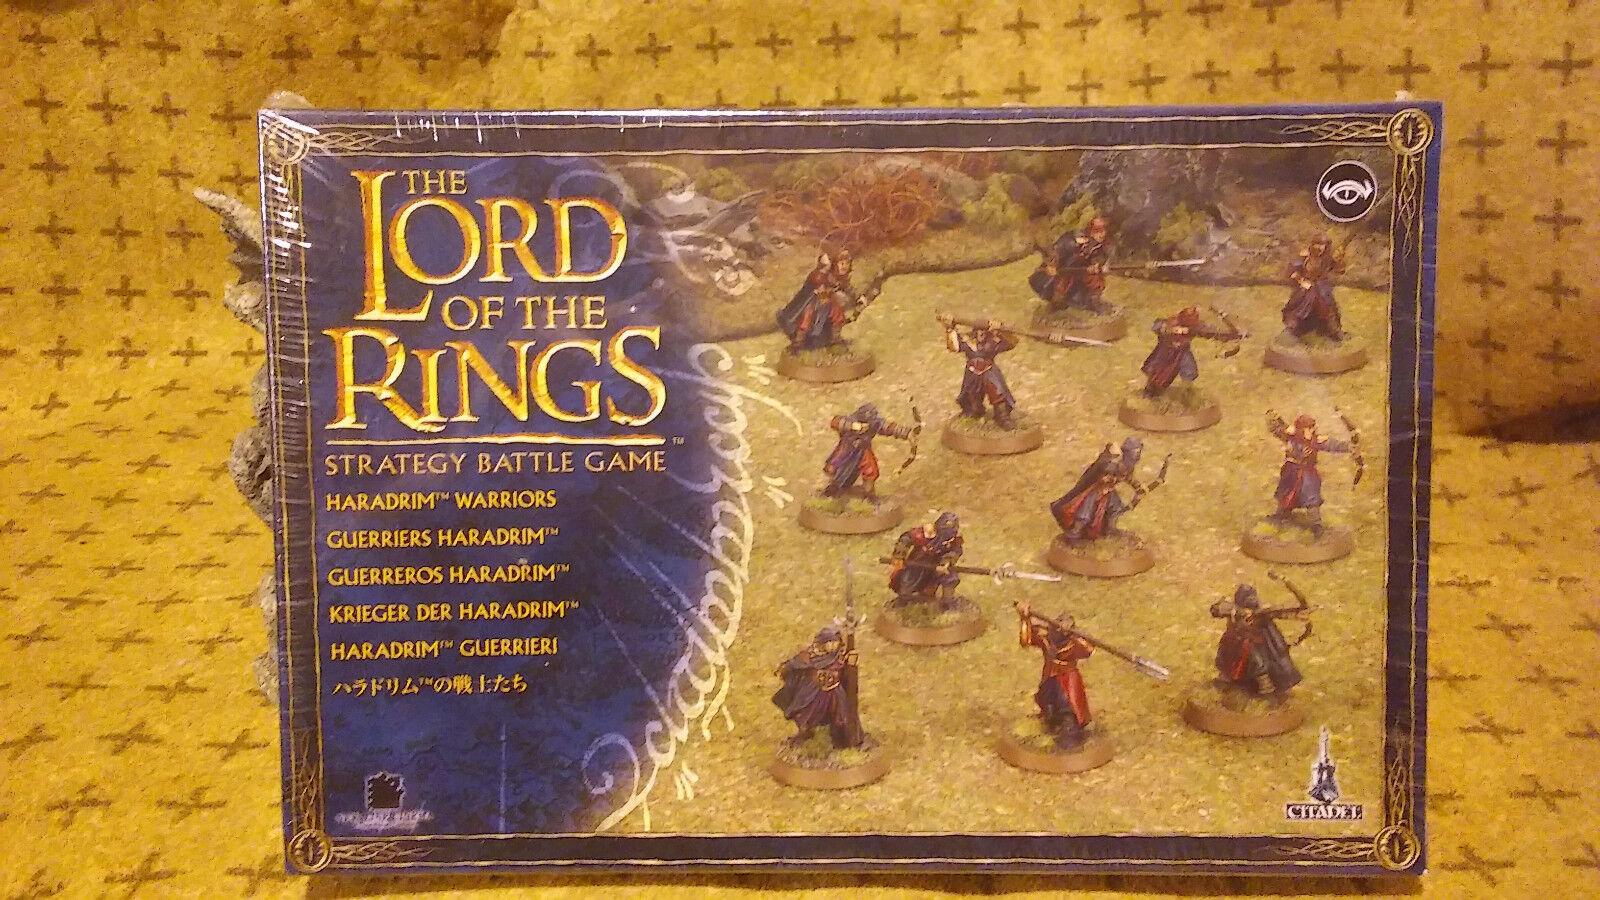 Lord of the ringar  Haradrim Warriors 'spelverkstad, Factory Sealead, fri Ship '